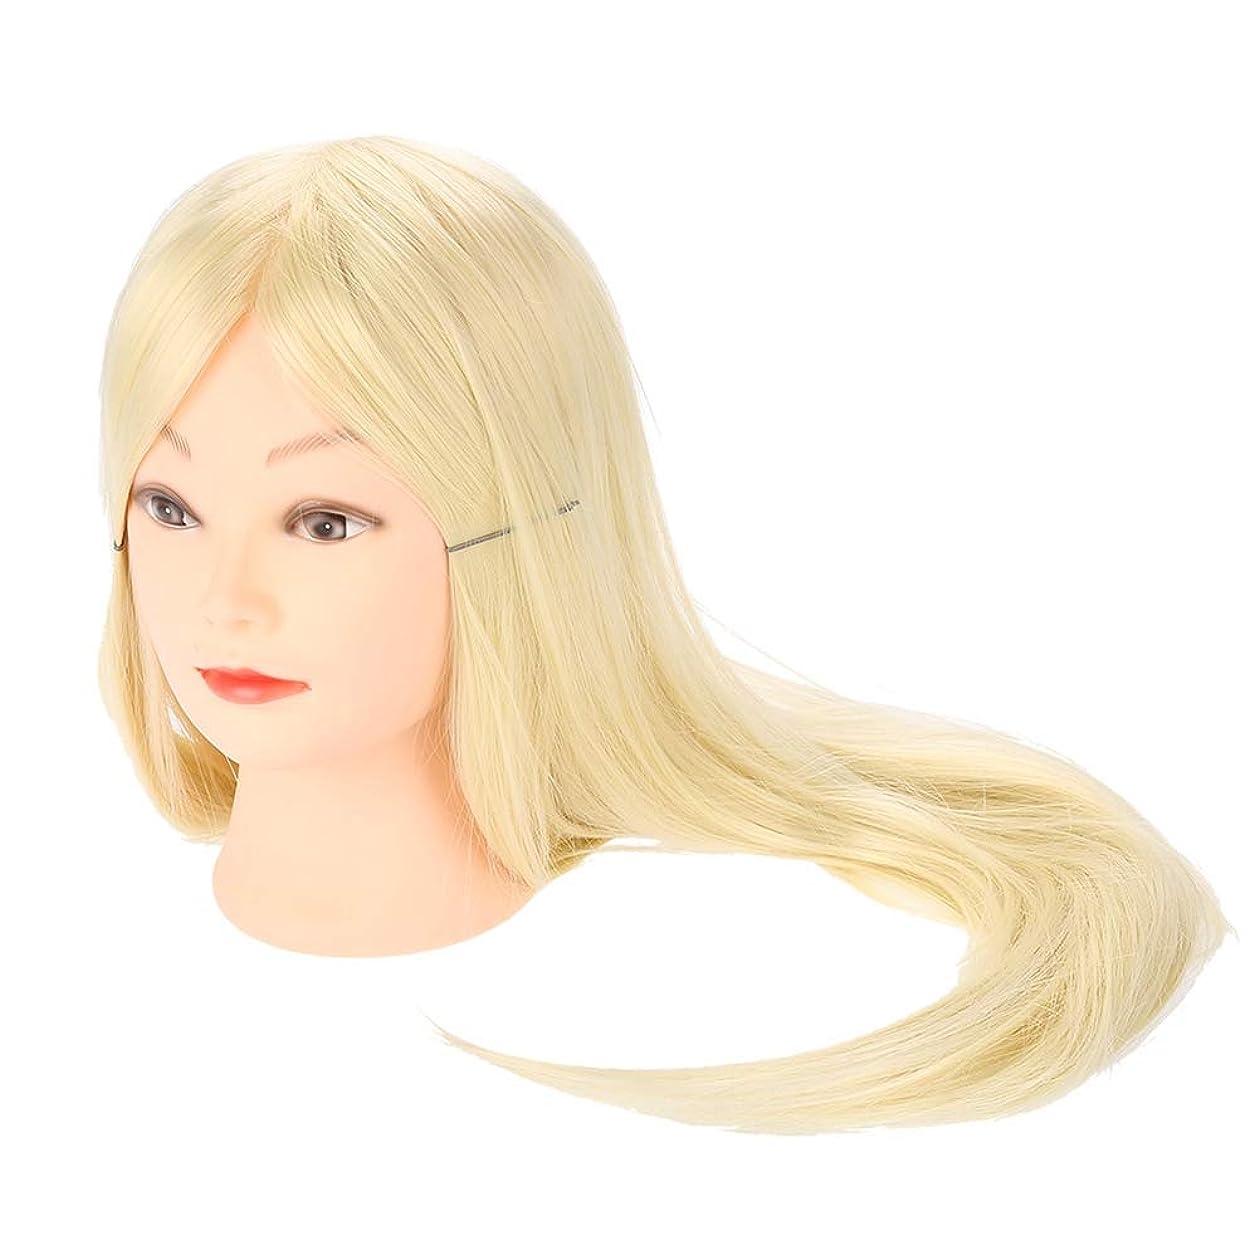 なぜならレジ中断編み込み練習用 モデルロングヘア理髪 編組セットツール 美容室サロン ウィッグマネキンヘッド メイクトレーニング用 ヘア編み込み ダミーヘッド レディウィッグ レディー